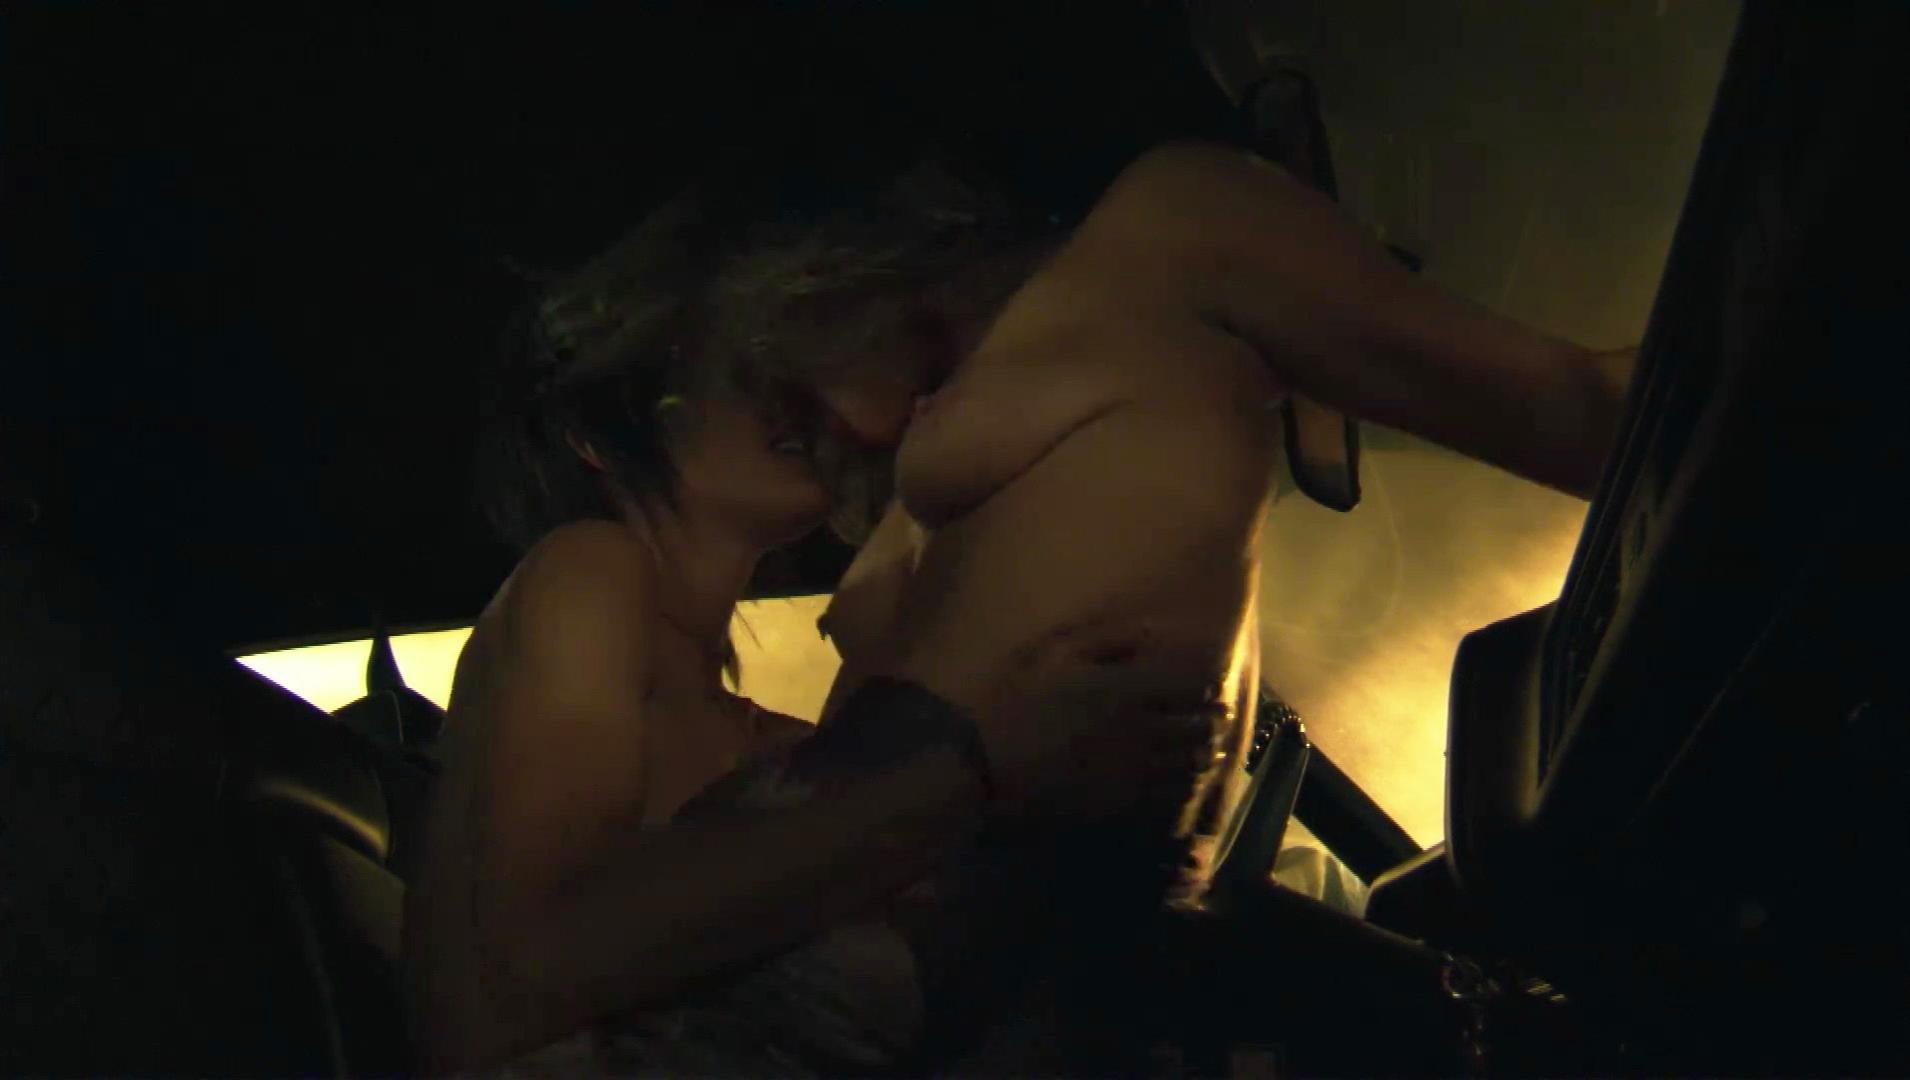 seks-v-drugom-gorode-kino